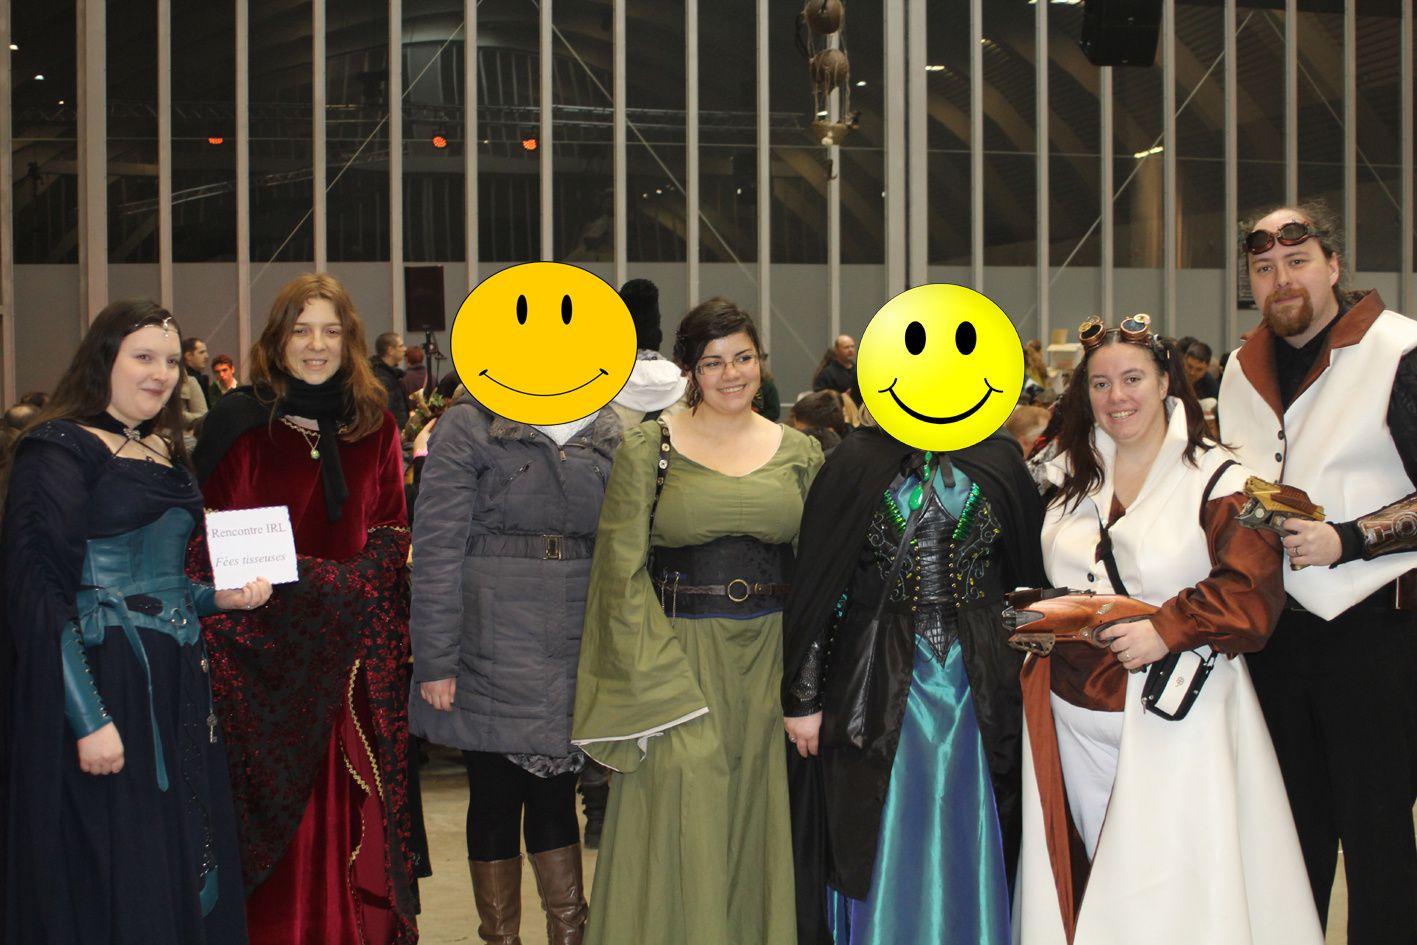 La photo de groupe de la rencontre du forum! Merci d'être venues les filles! /   Group photo of the meeting of the forum!  Thank you for coming girls!